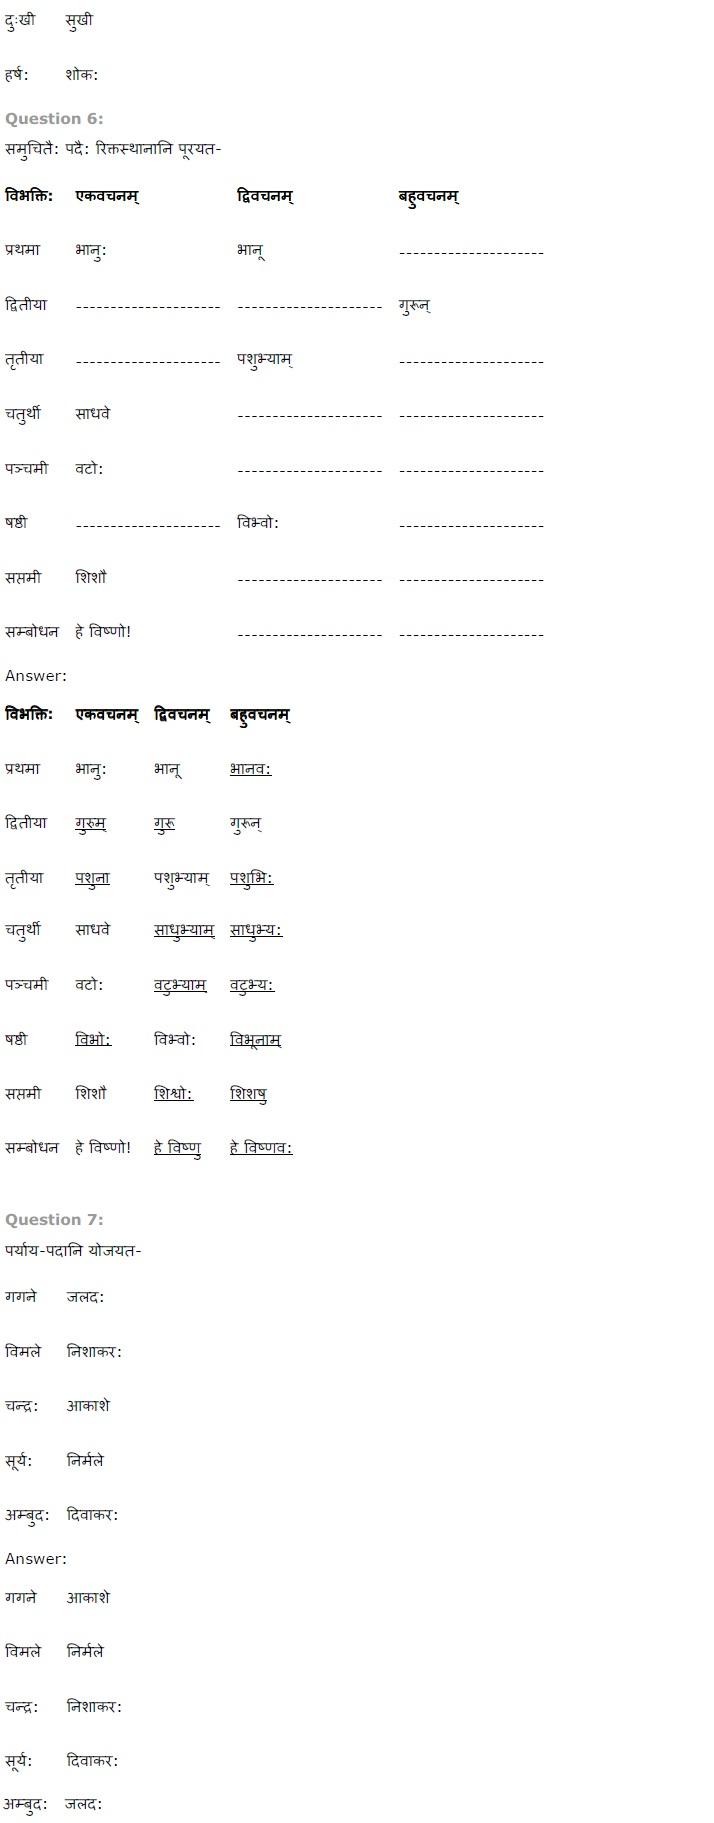 NCERT Solutions for Class 7th Sanskrit Chapter 9 - विमानायं रचयाम